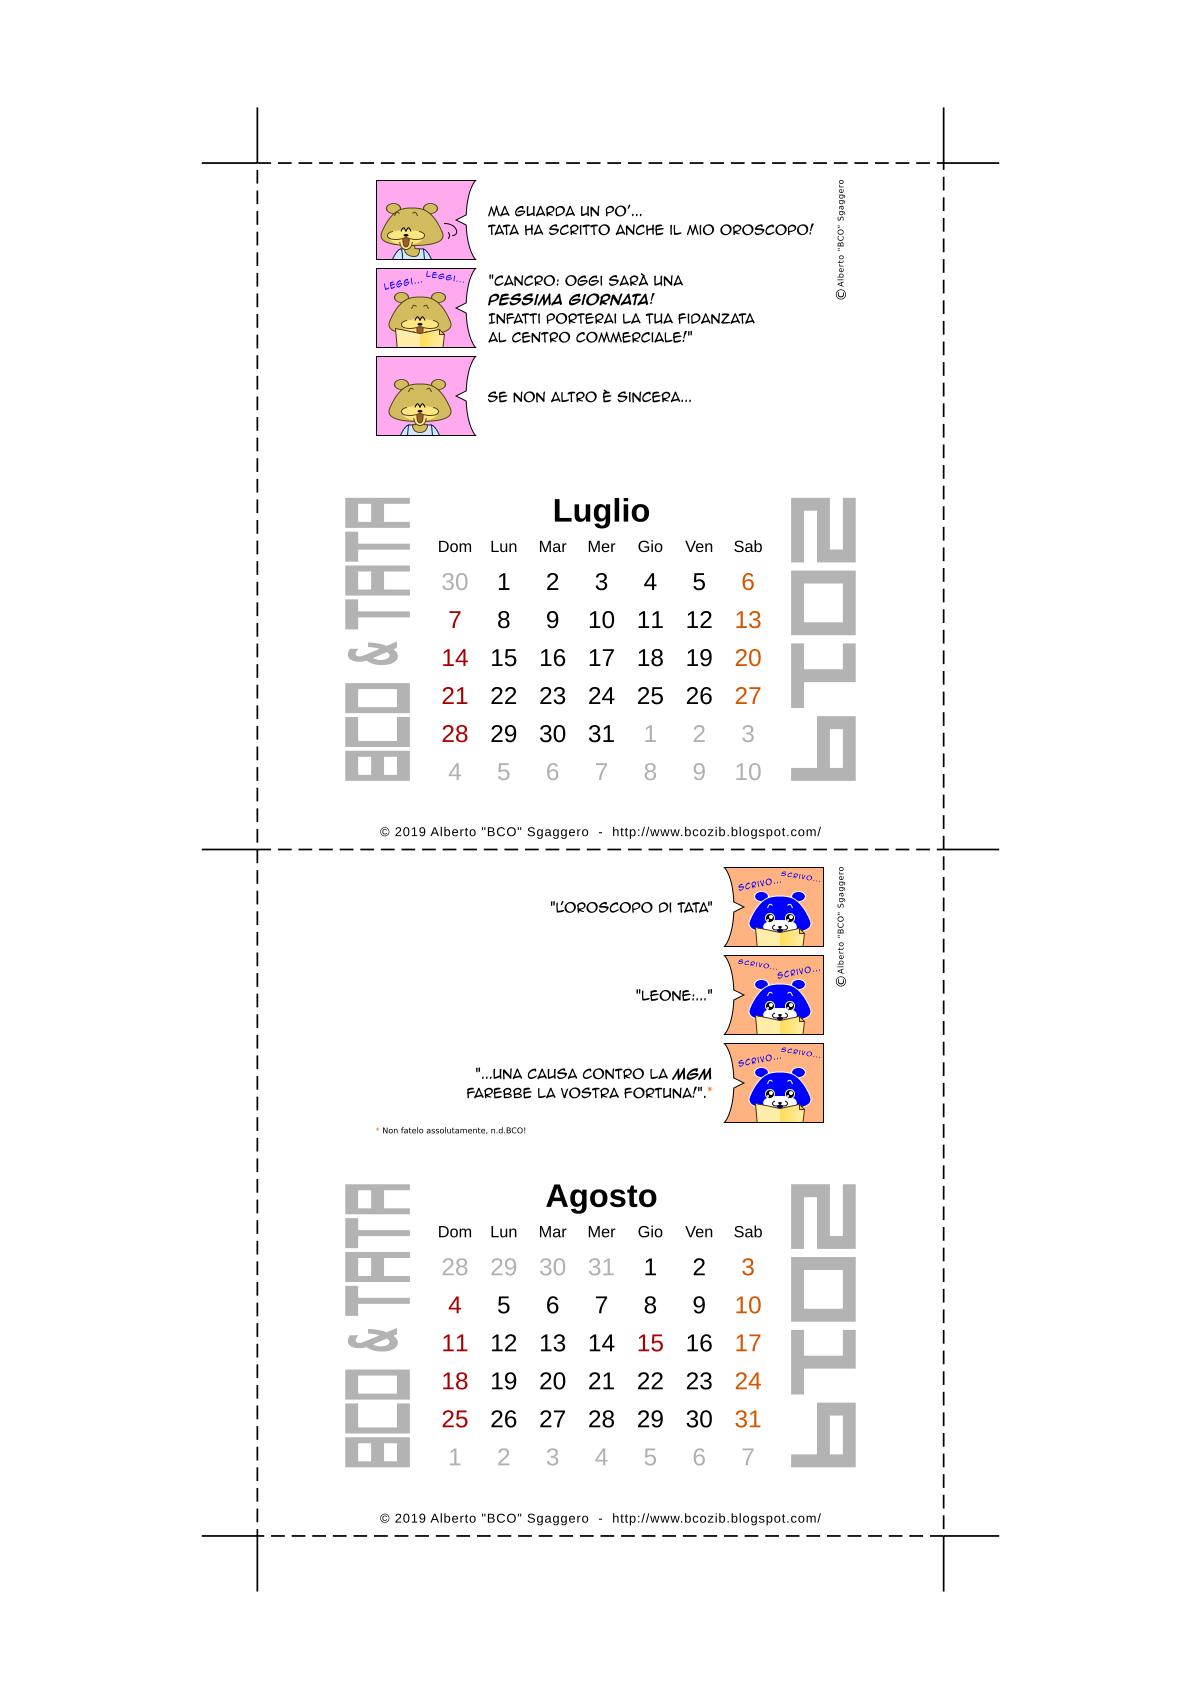 Il calendario 2019 di BCO e TATA - Luglio e Agosto